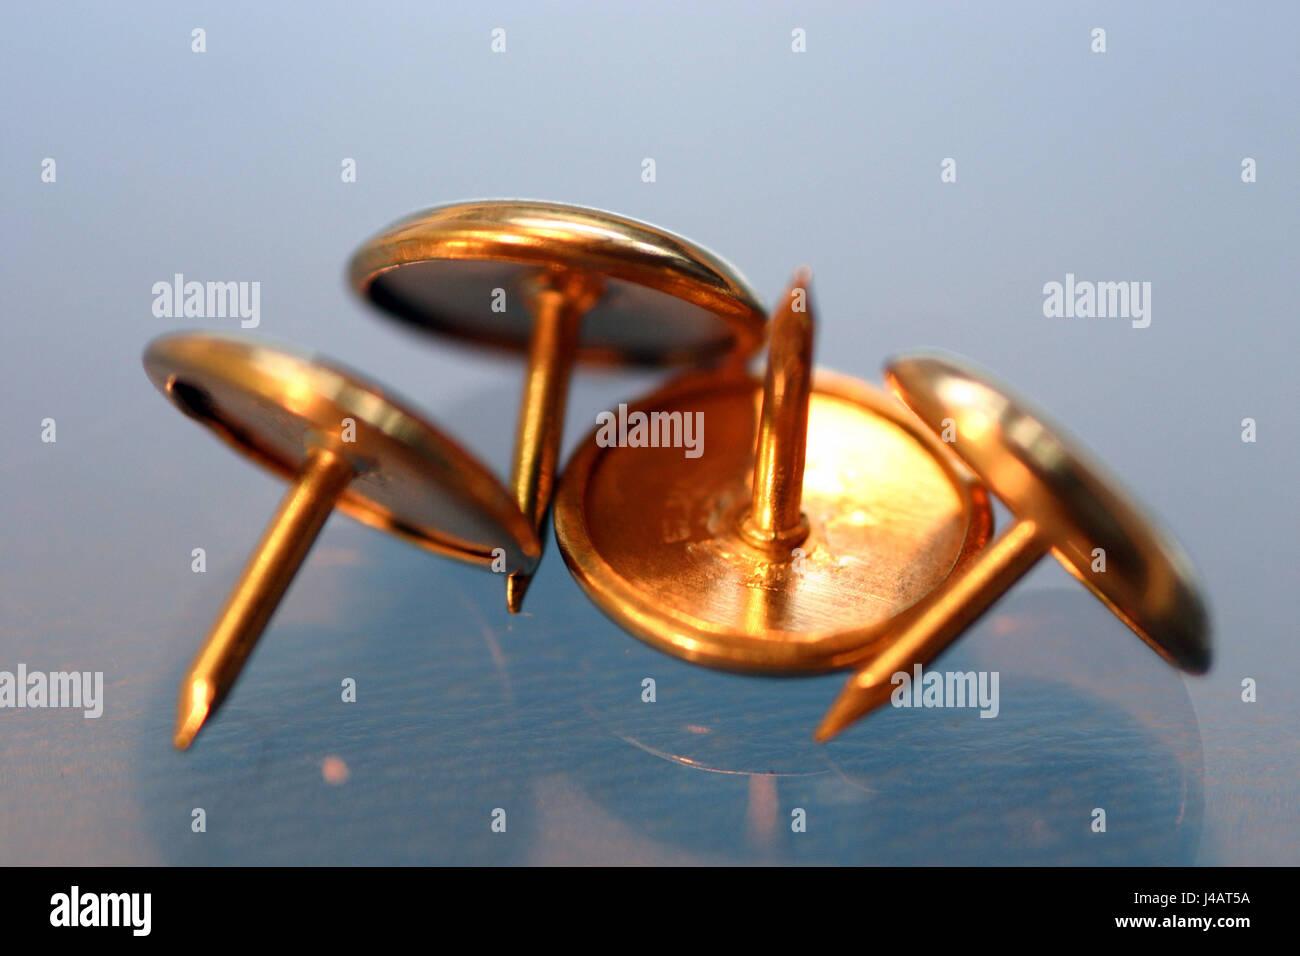 Reinagel Stockfotos und  bilder Kaufen   Alamy